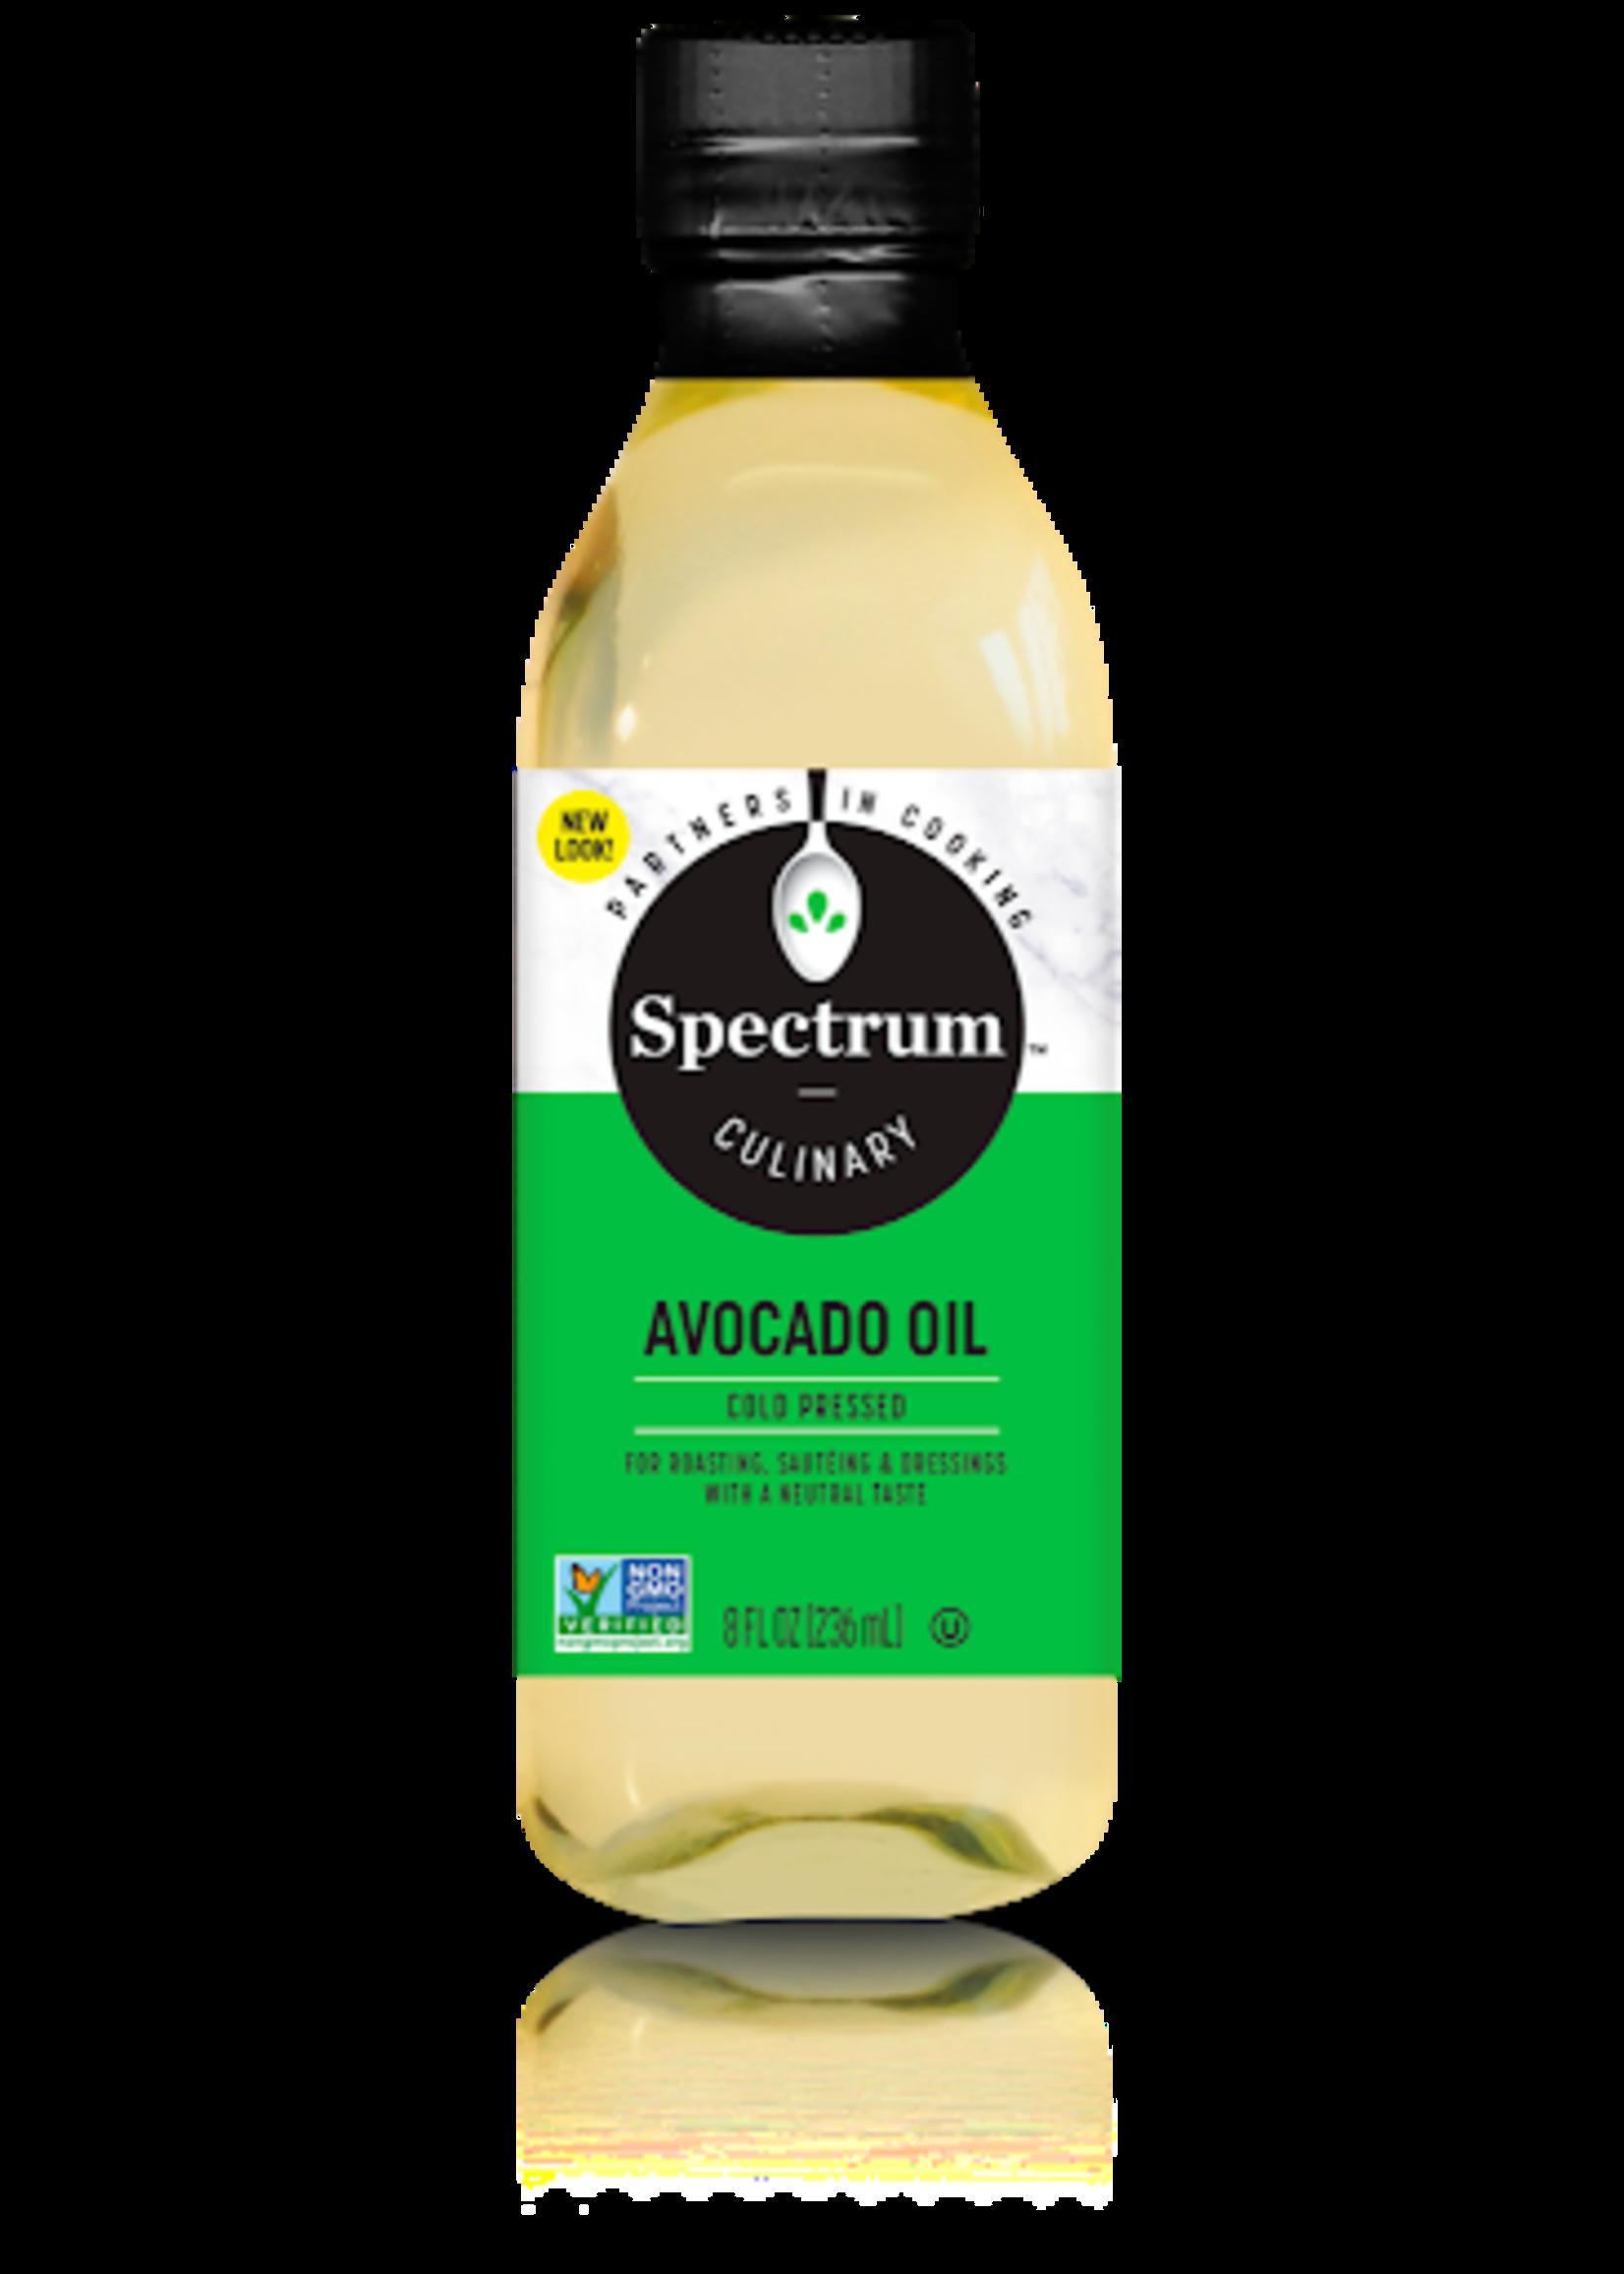 Spectrum Avocado Oil Spectrum